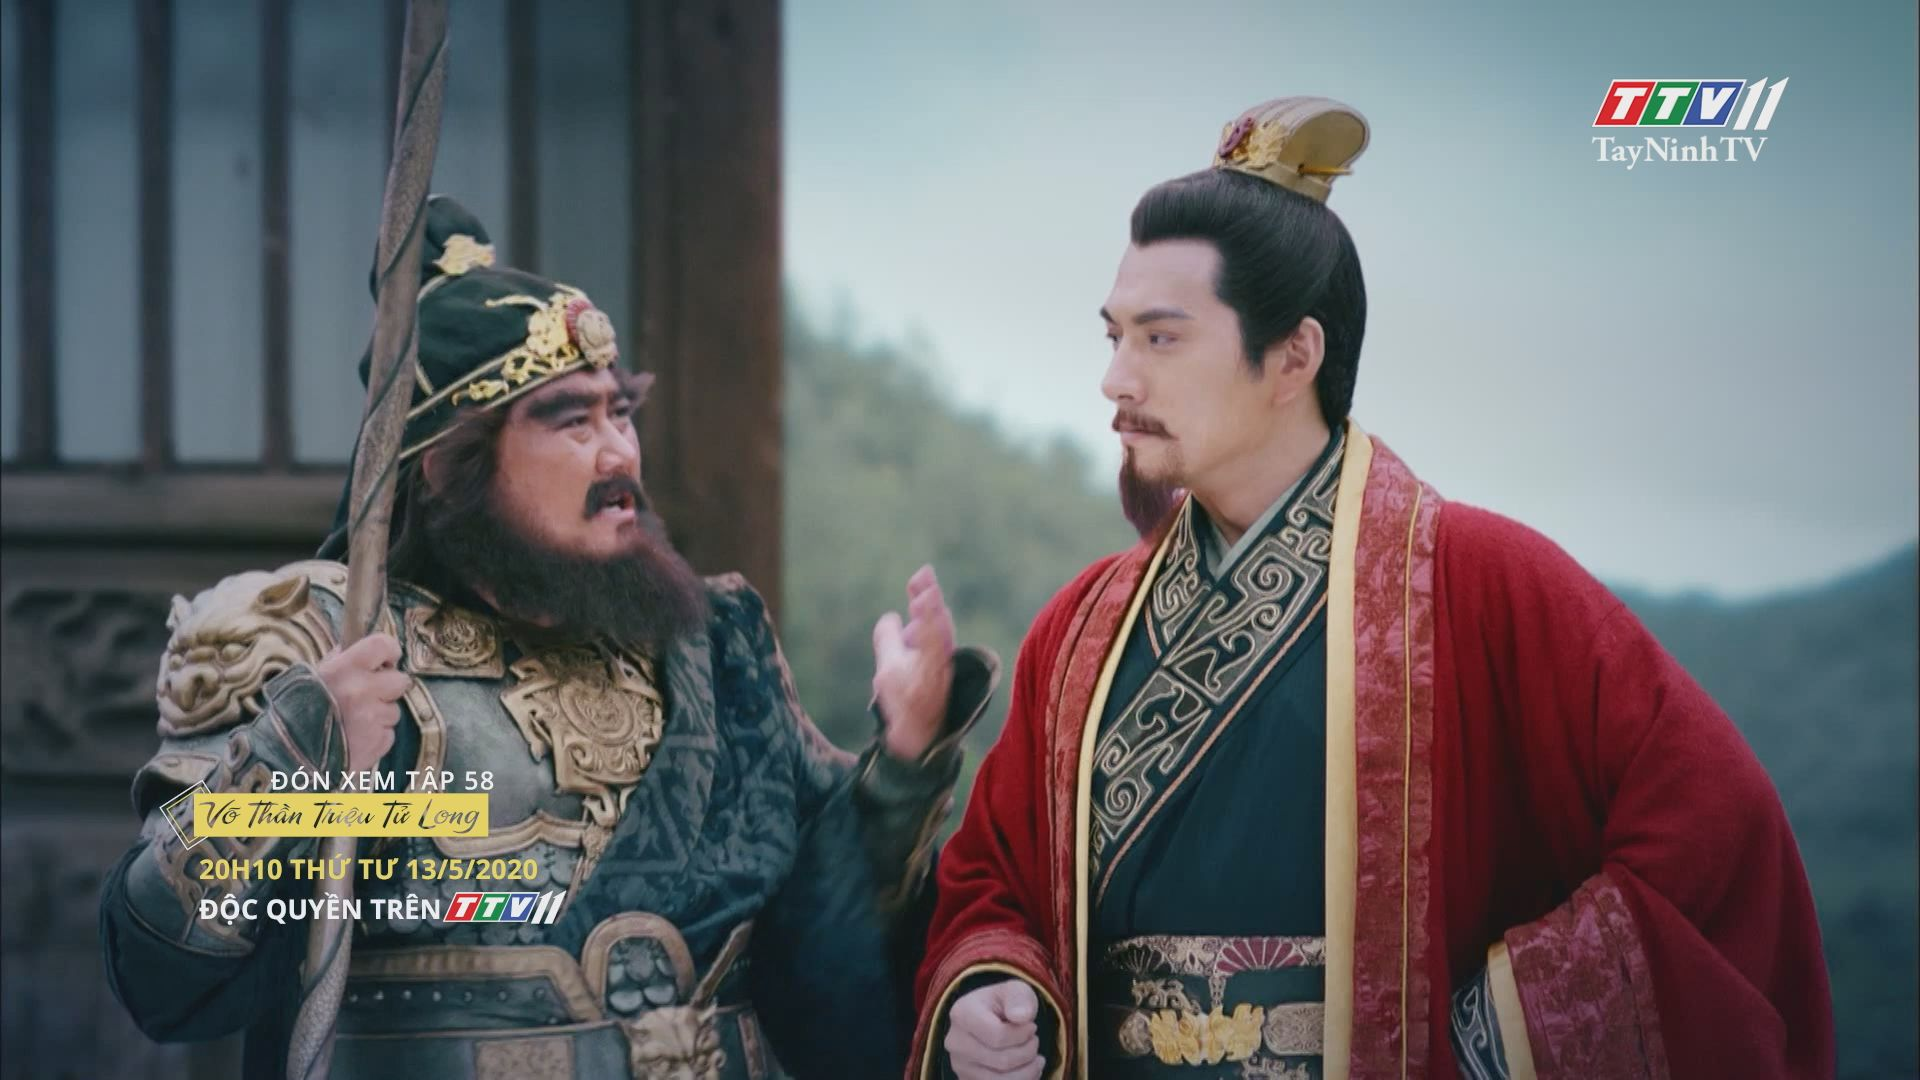 Trailer - VÕ THẦN TRIỆU TỬ LONG - TẬP 58 | Võ thần Triệu Tử Long | TayNinhTV